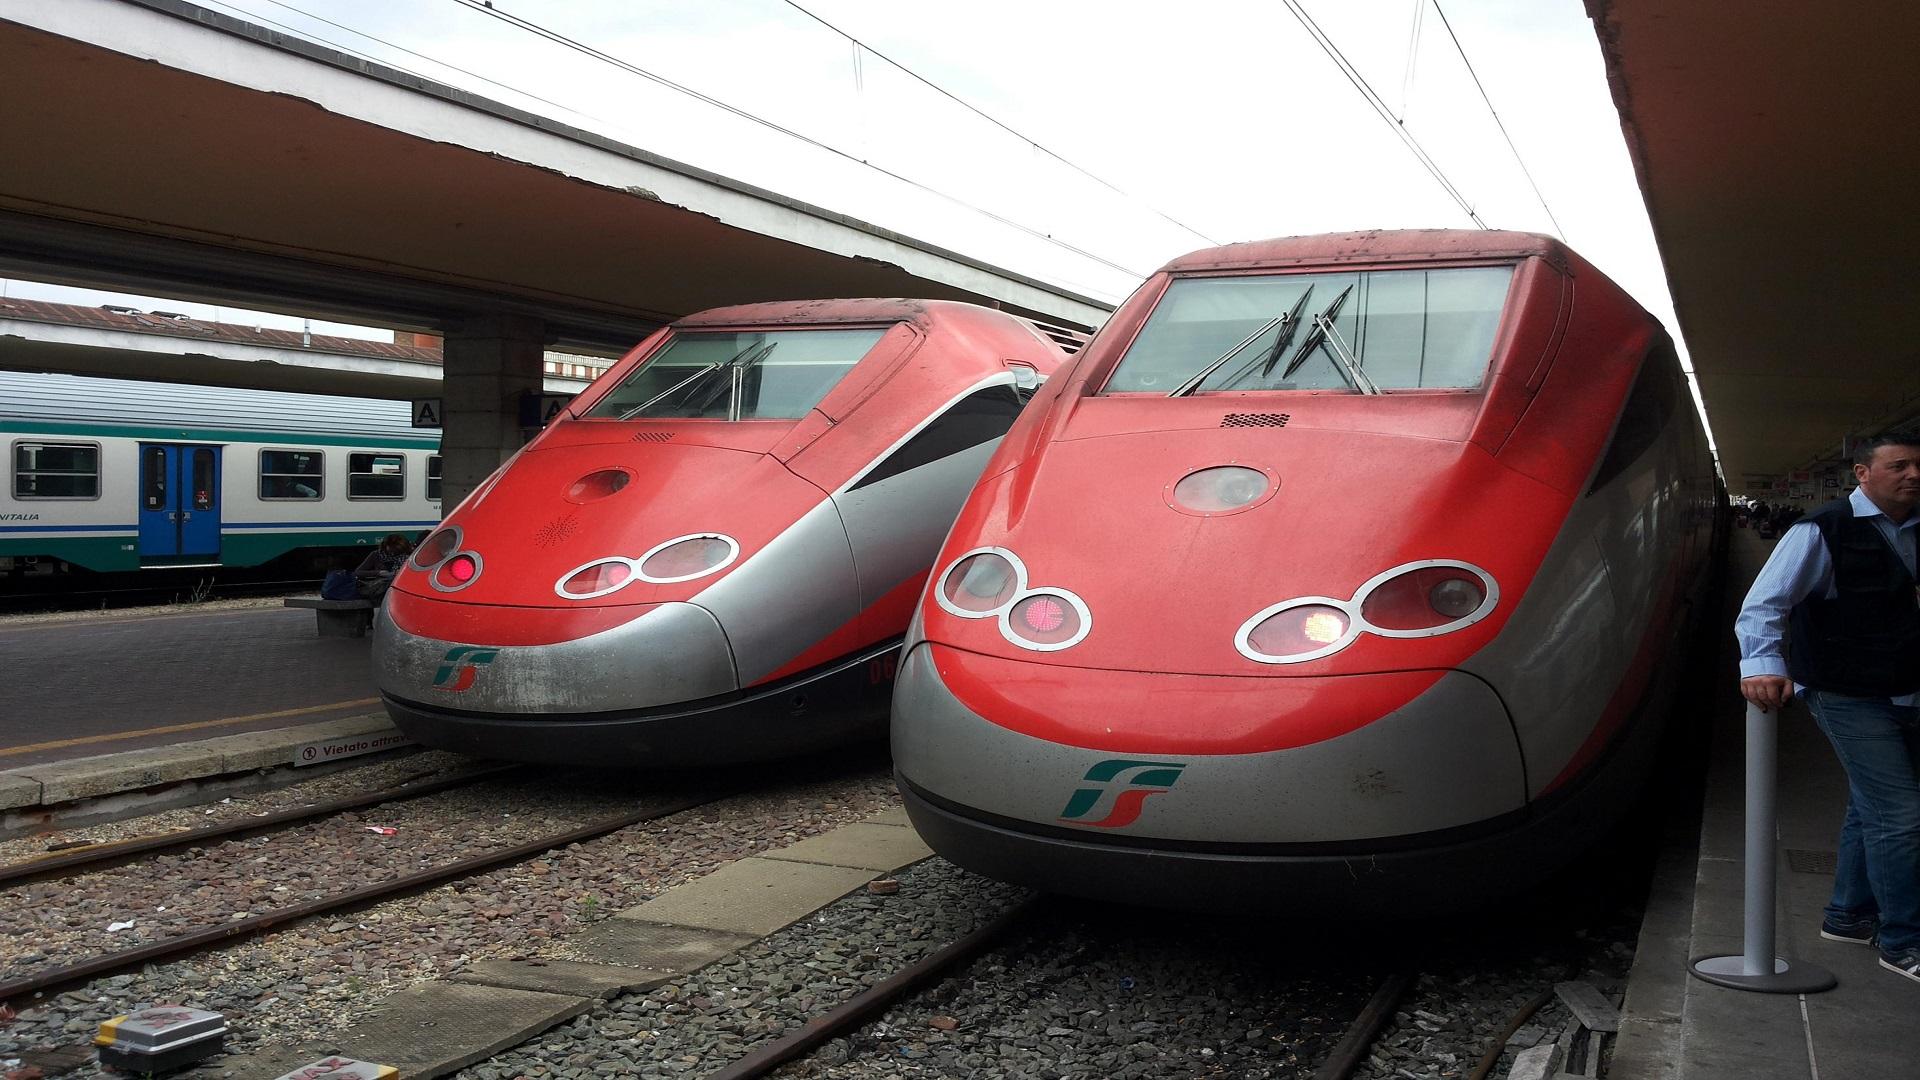 treni-frecciarossa-qp